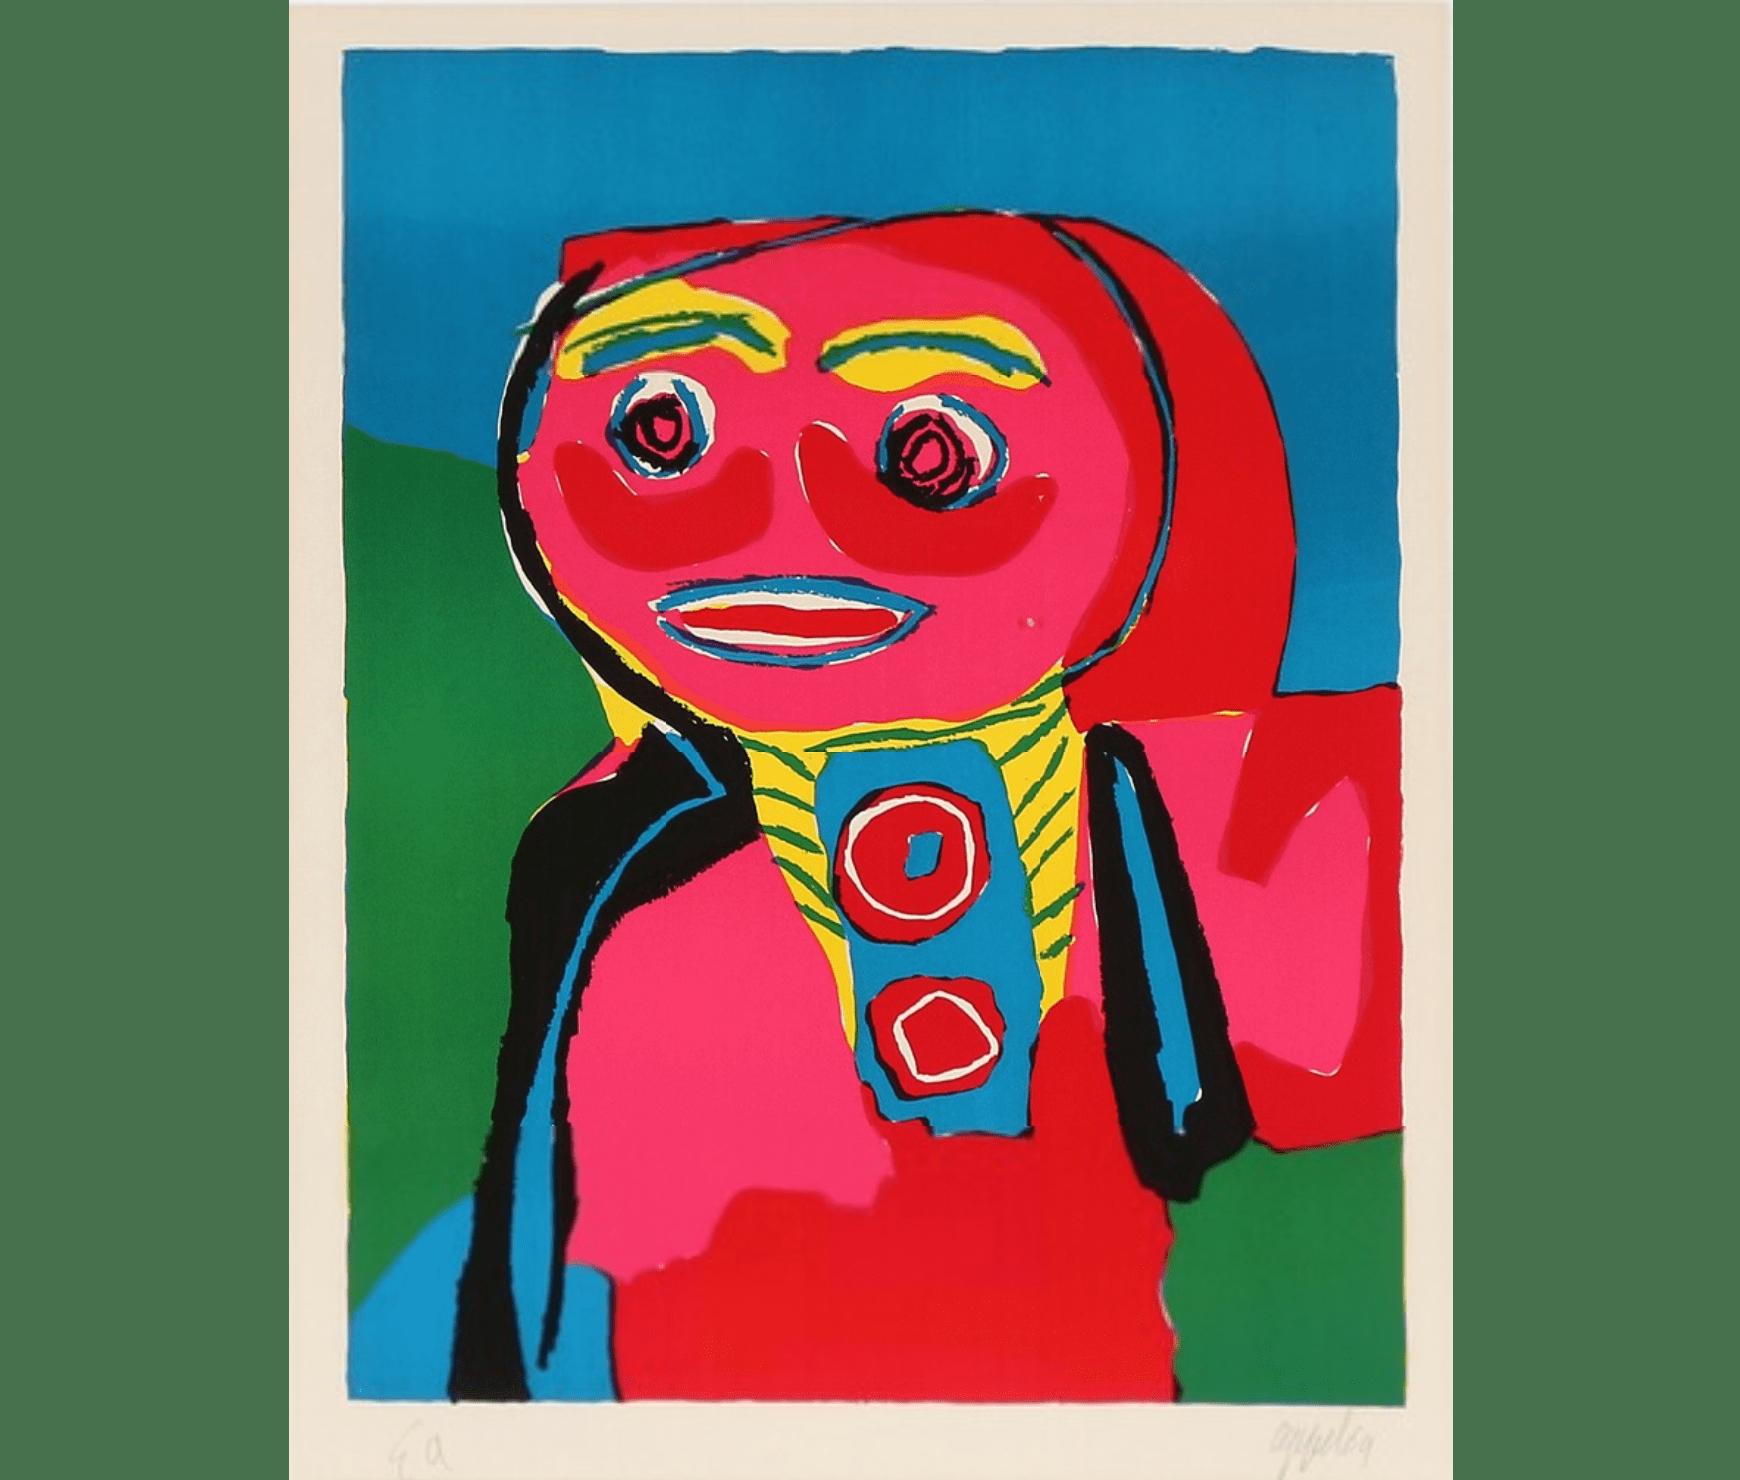 Karel Appel, 54 x 70cm, épreuve d'artiste d'une éd. de 69